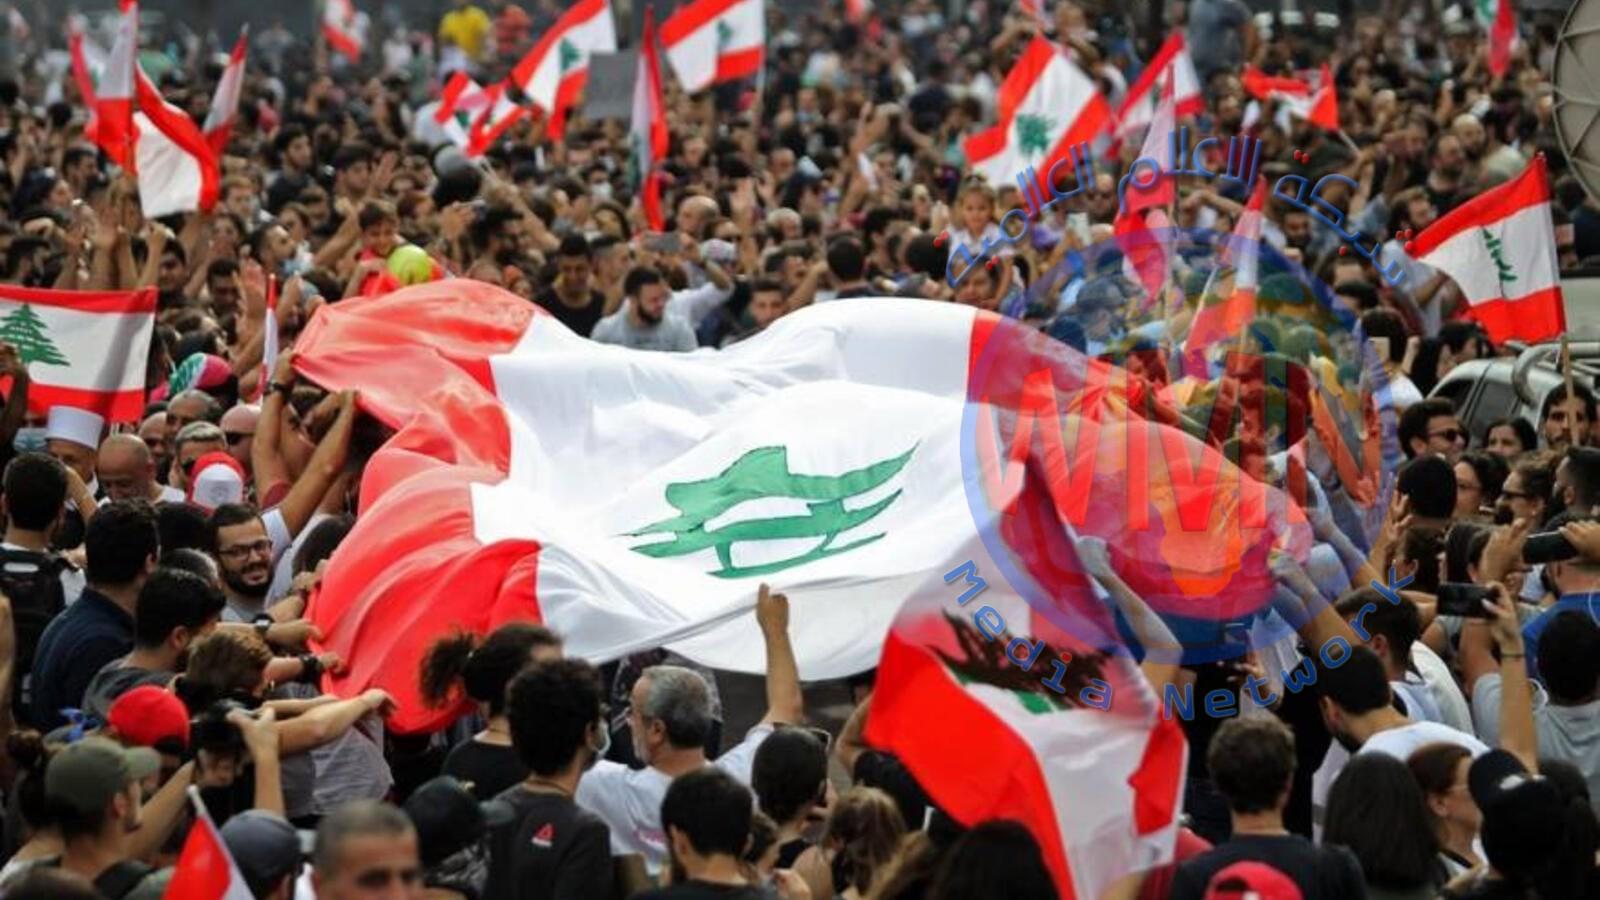 """ثورة لبنان: لا لكاظم الساهر ونعم لرضوى الشربينيومصطفى الآغا """"مش ناسينك"""""""